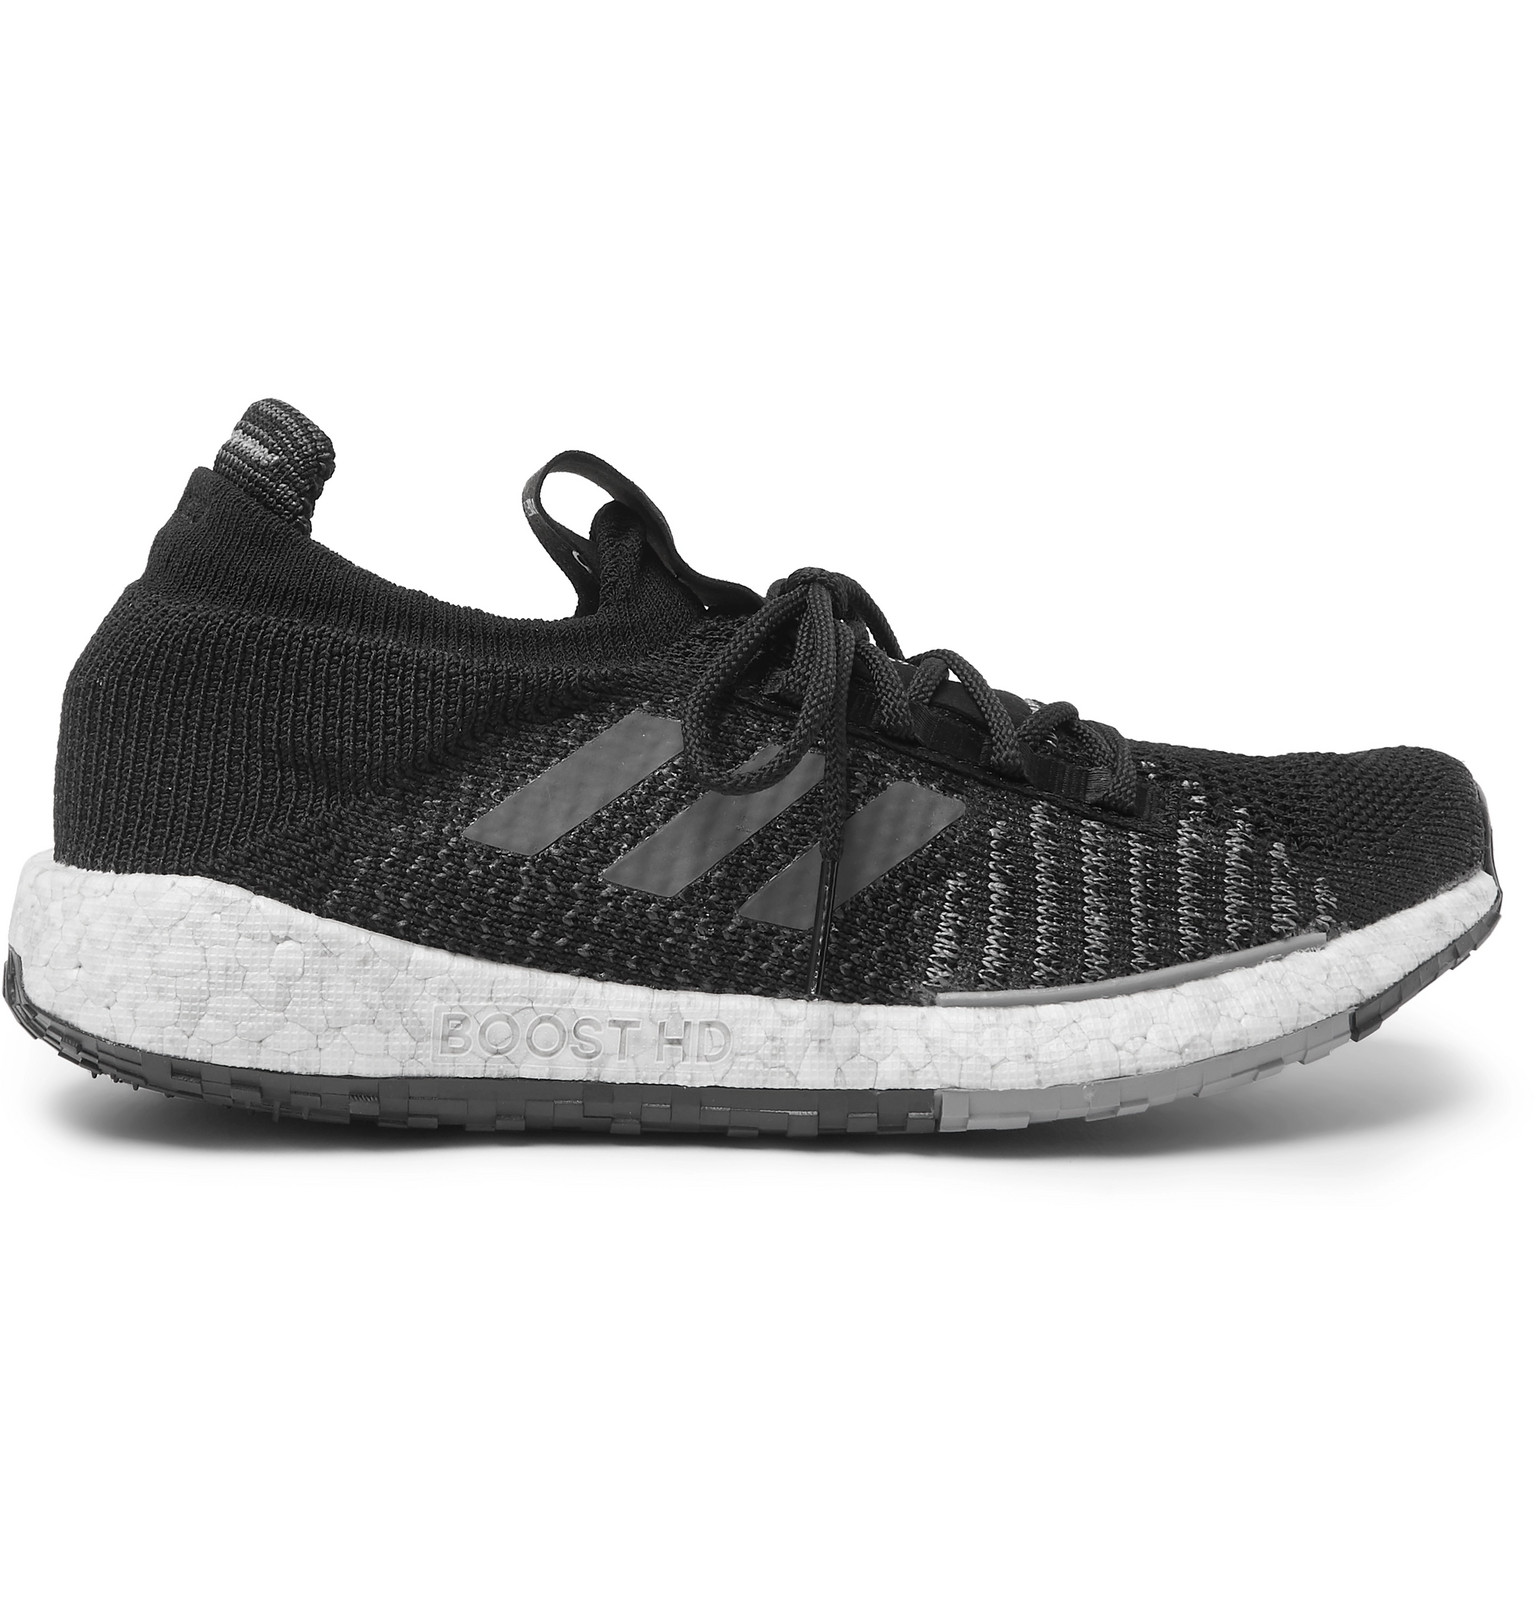 Adidas Sport - Pulseboost HD Primeknit Running Sneakers